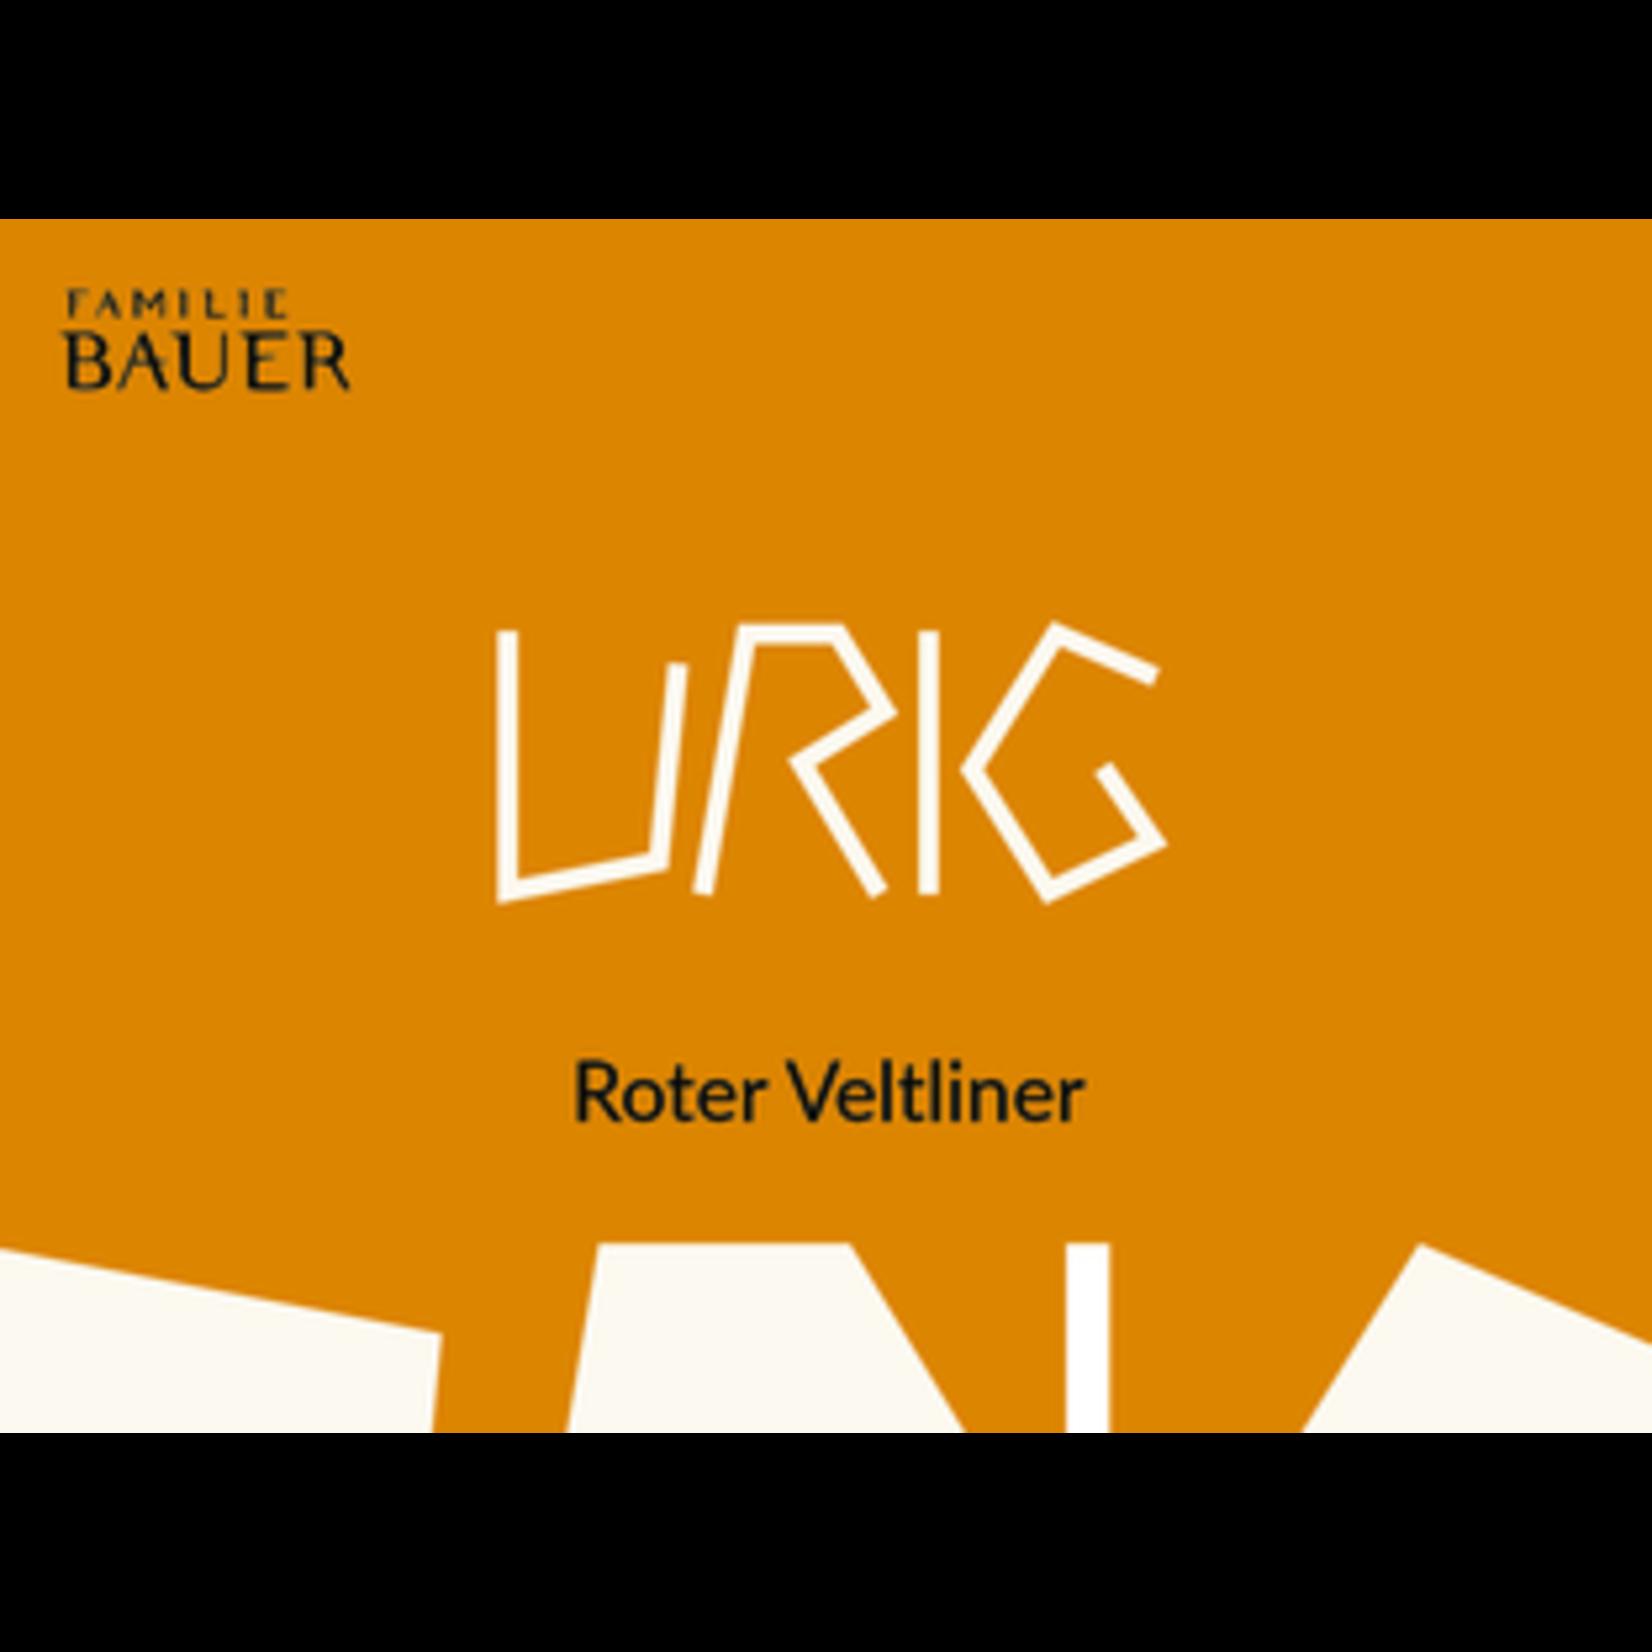 Wine Familie Bauer, Osterreich Roter Veltliner Urig